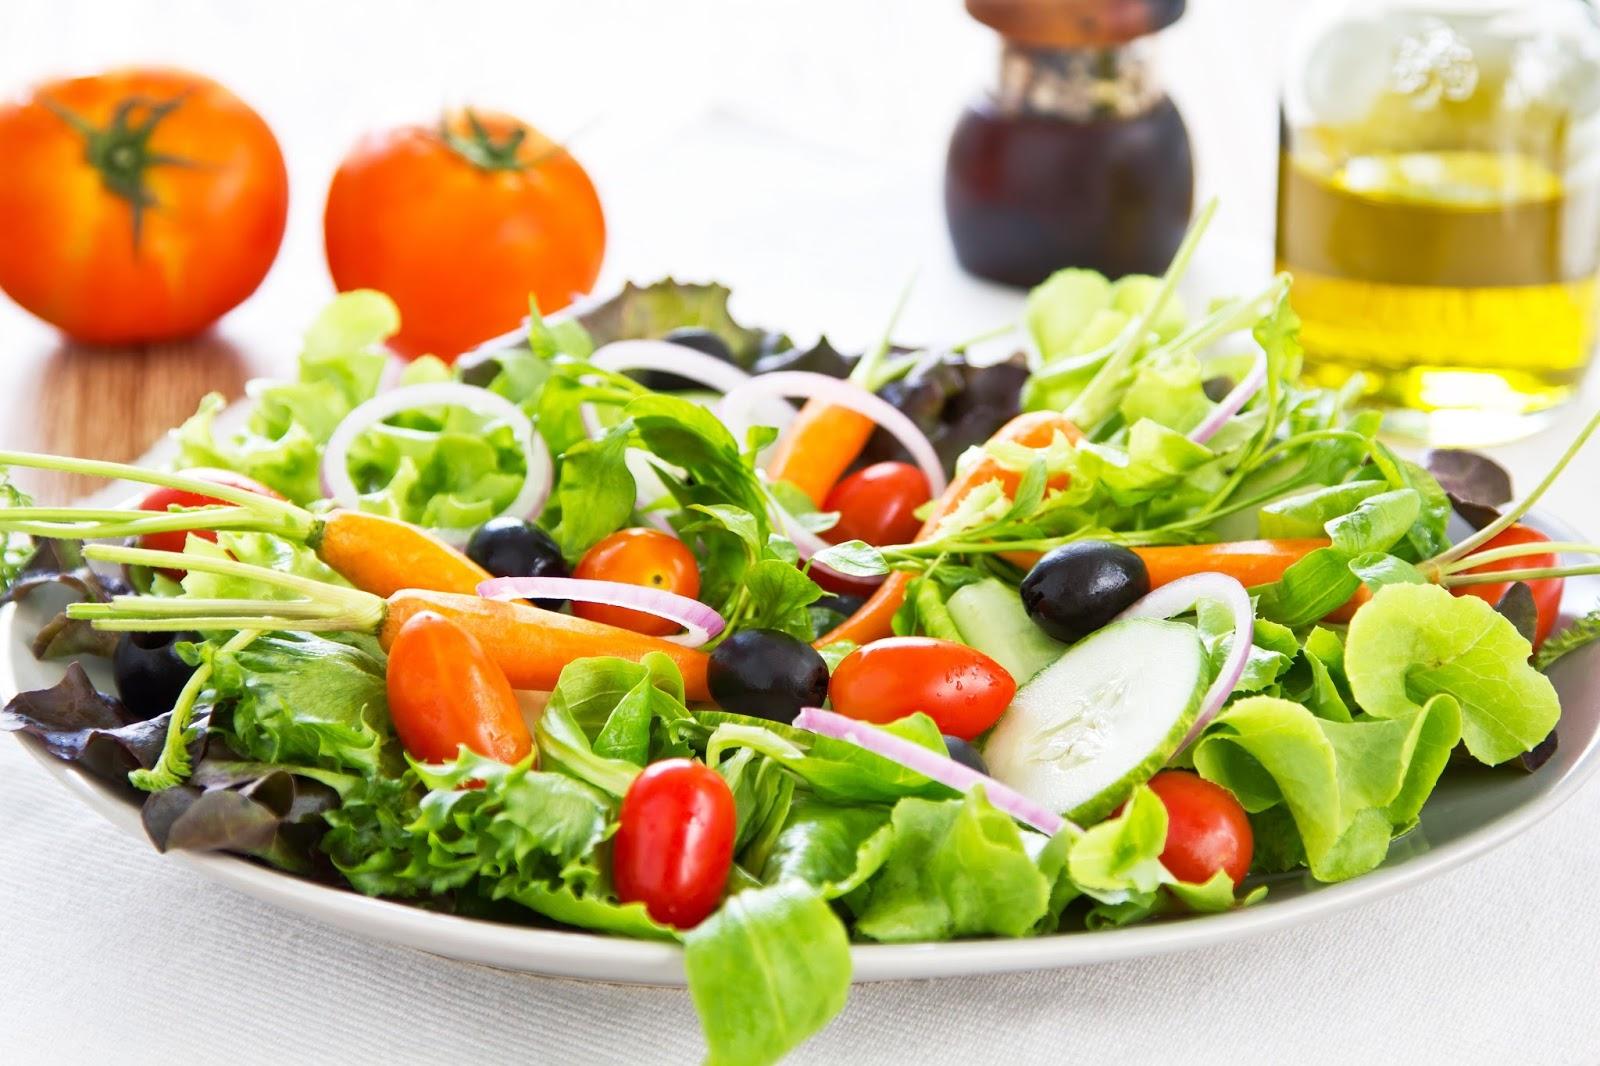 Cocina vegetariana lo b sico del almuerzo los h bitos for Cocina vegetariana